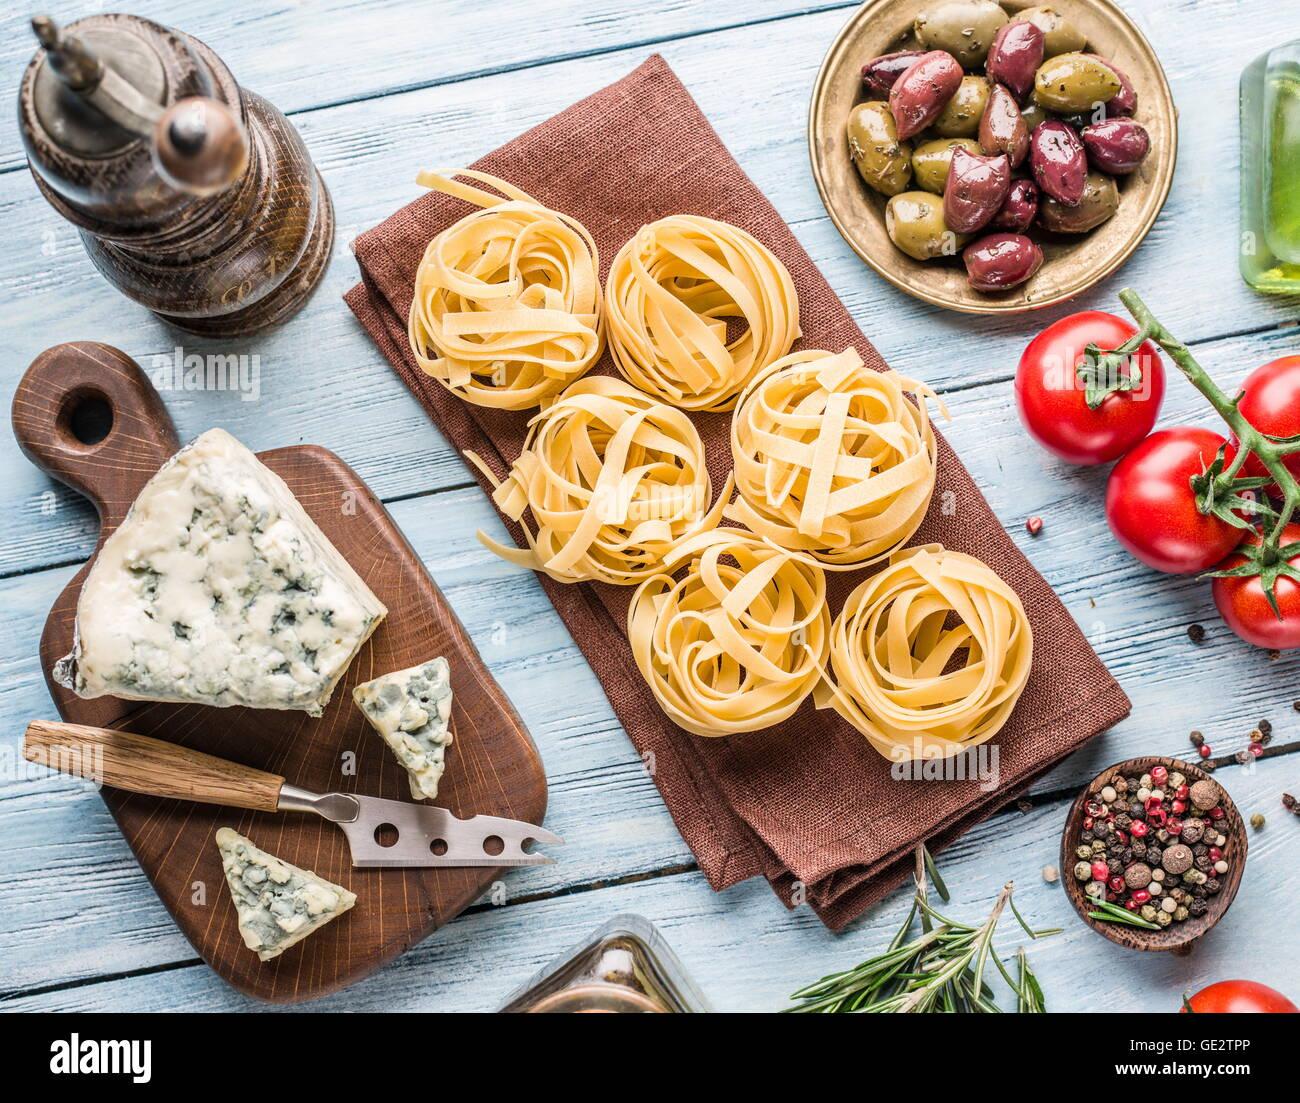 Ingrédients pâtes. Les tomates cerise, les pâtes spaghetti, de romarin et d'épices sur la Photo Stock